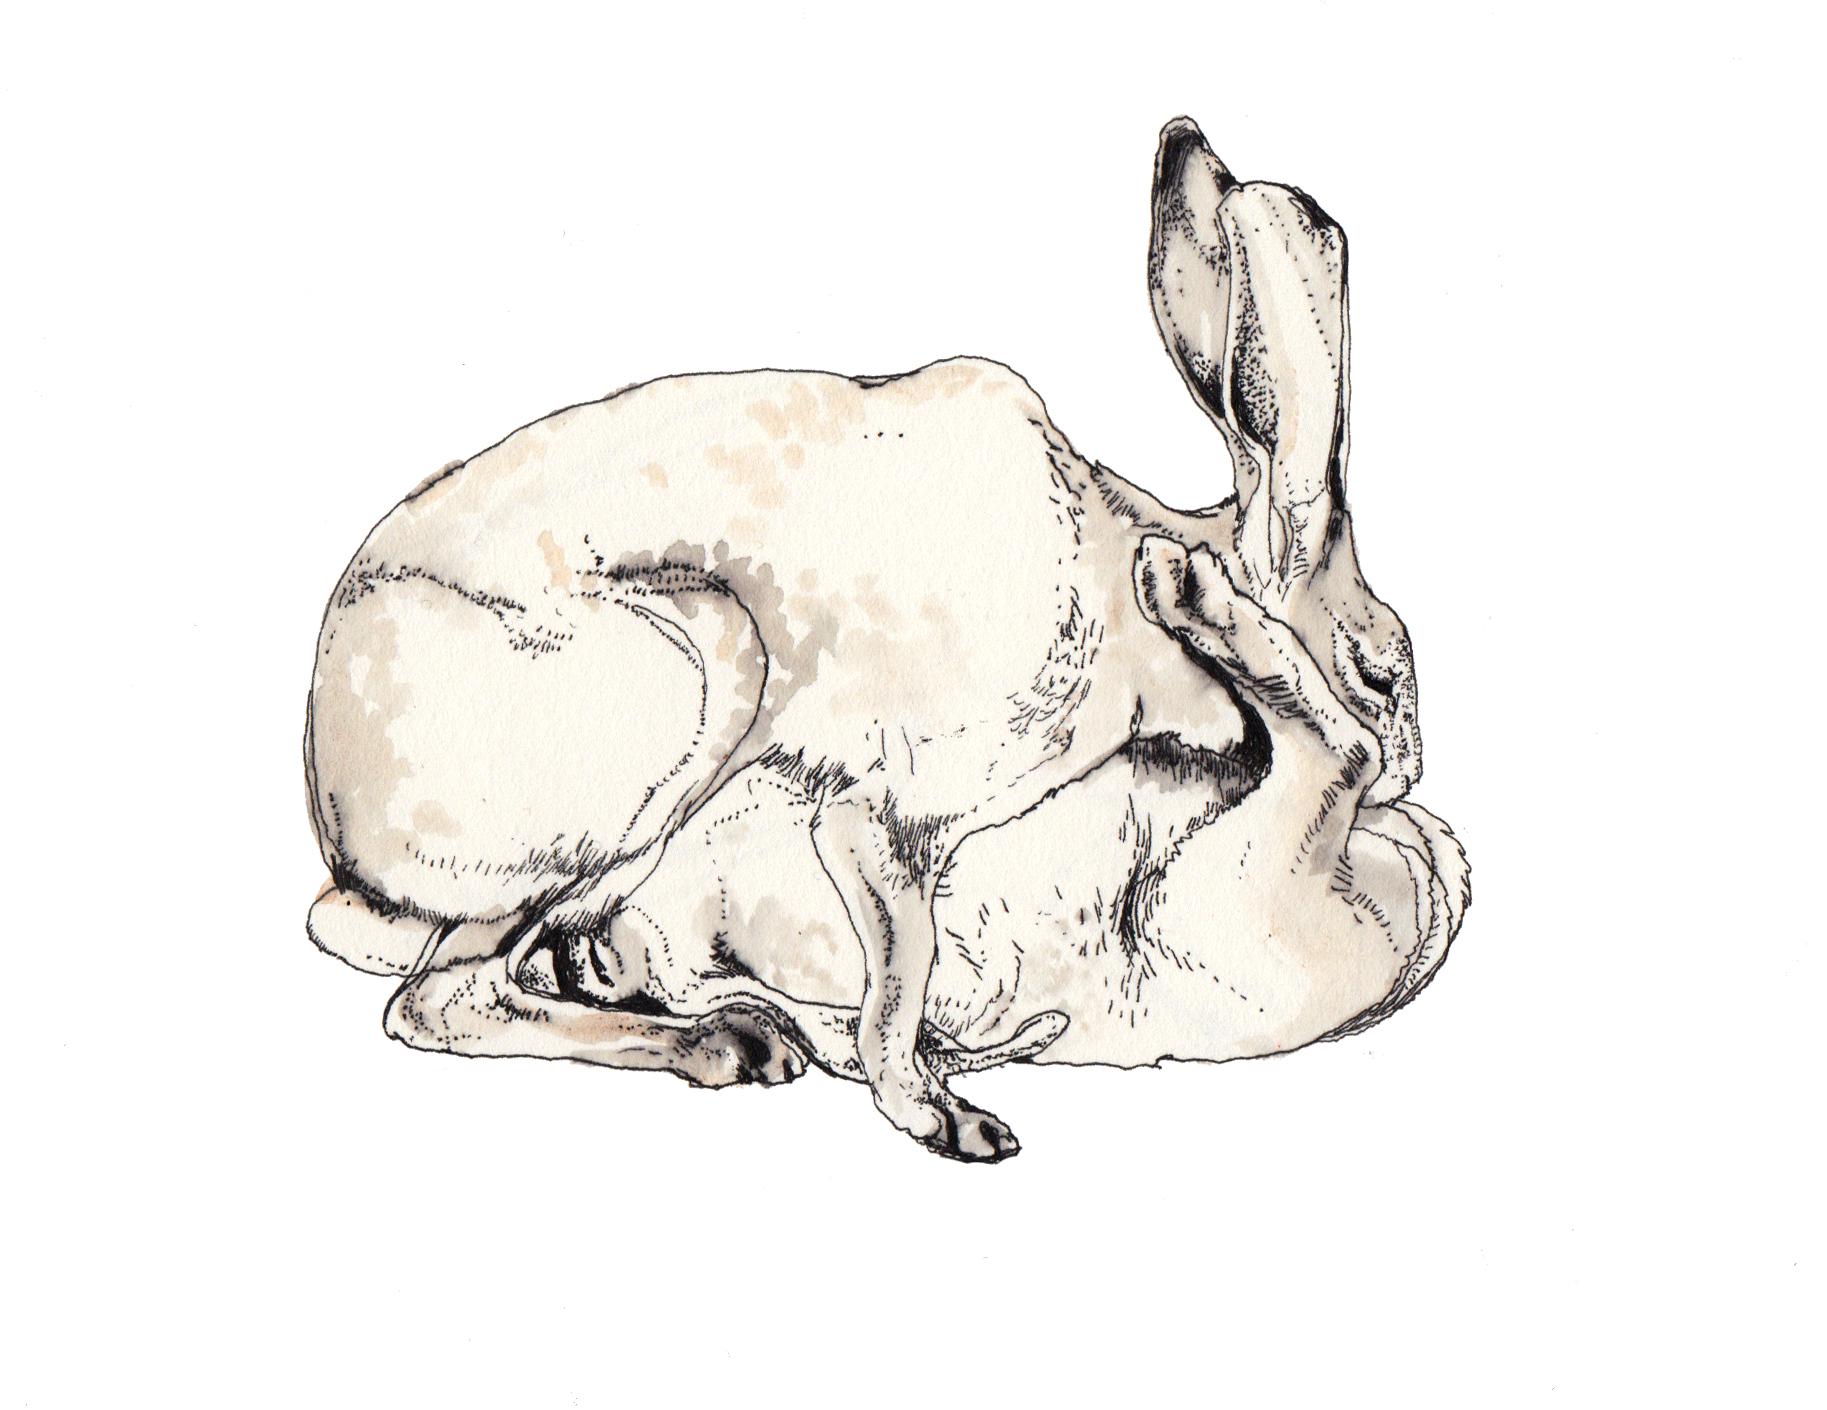 1827x1410 Wallpaper Drawing, Illustration, Cartoon, Skull, Head, Rabbit